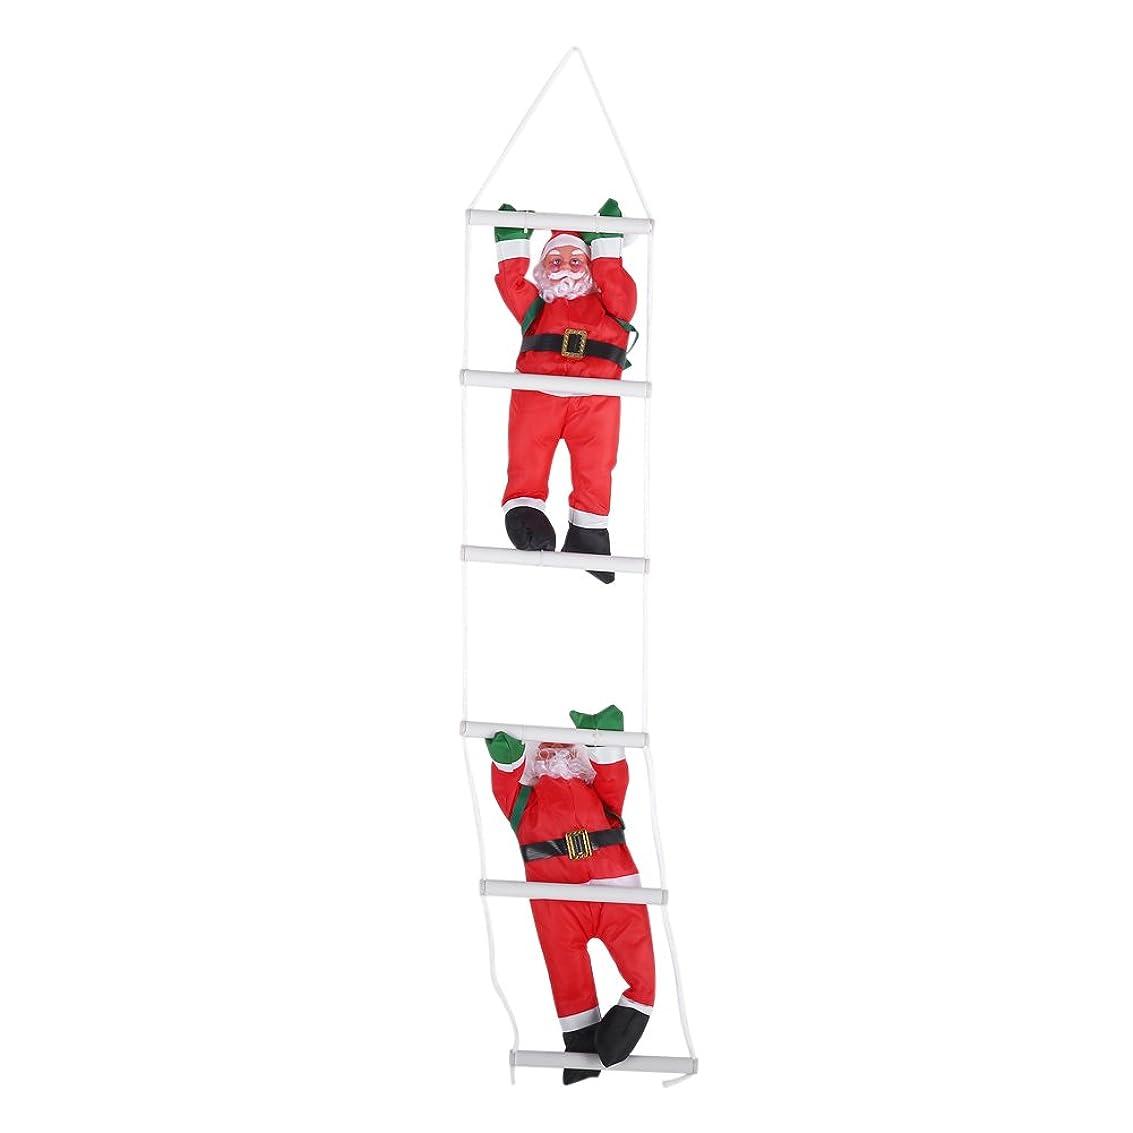 暗殺常習者避けられないサンタクロース、登山サンタクロースおもちゃクリスマスツリー屋内/屋外吊り飾り装飾